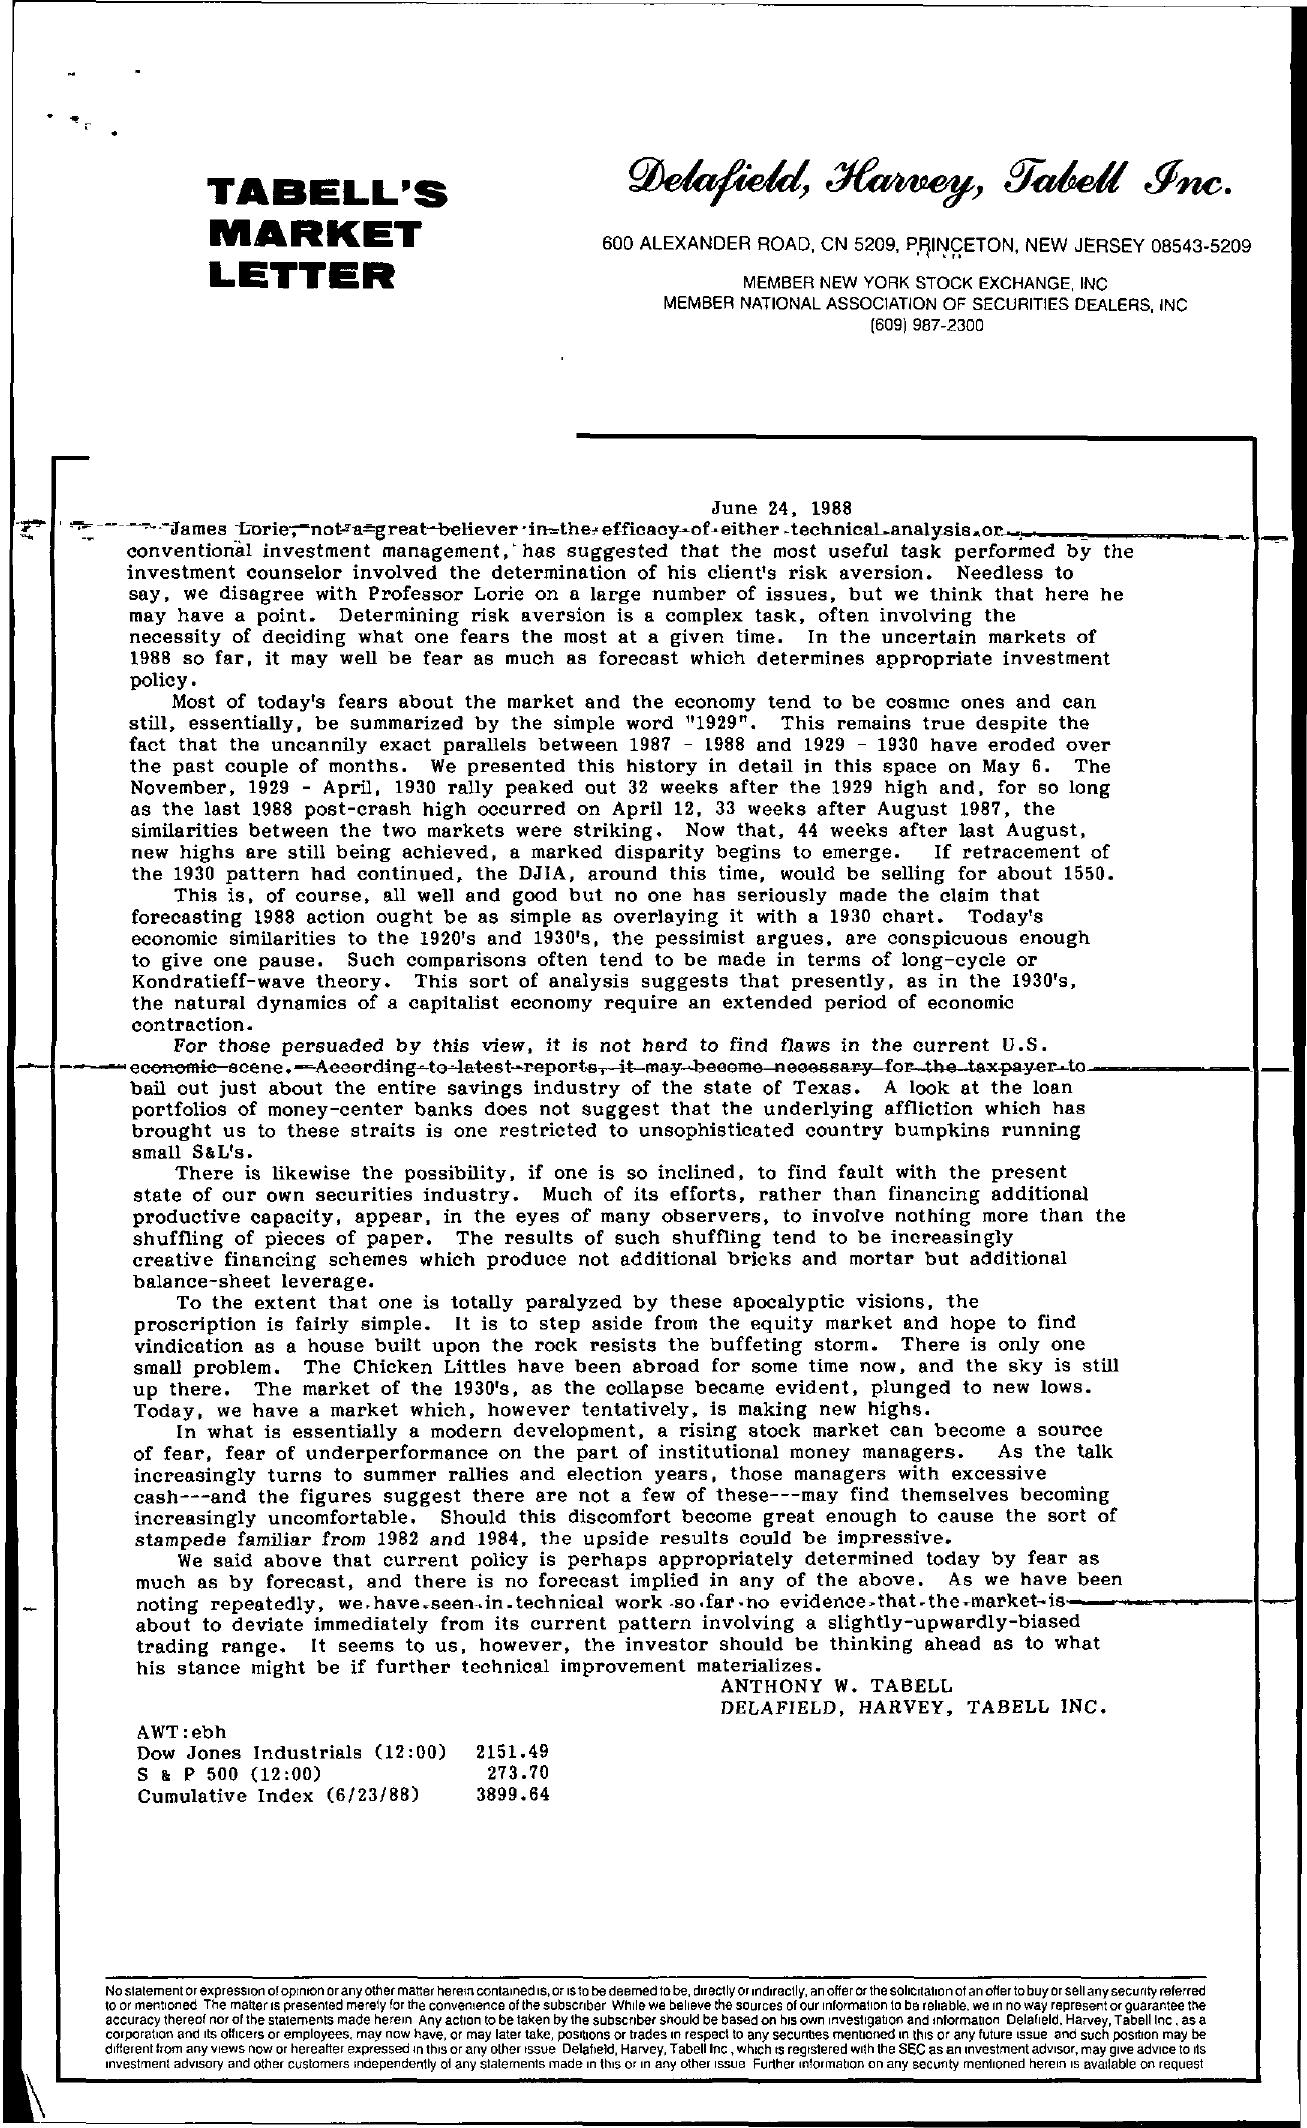 Tabell's Market Letter - June 24, 1988